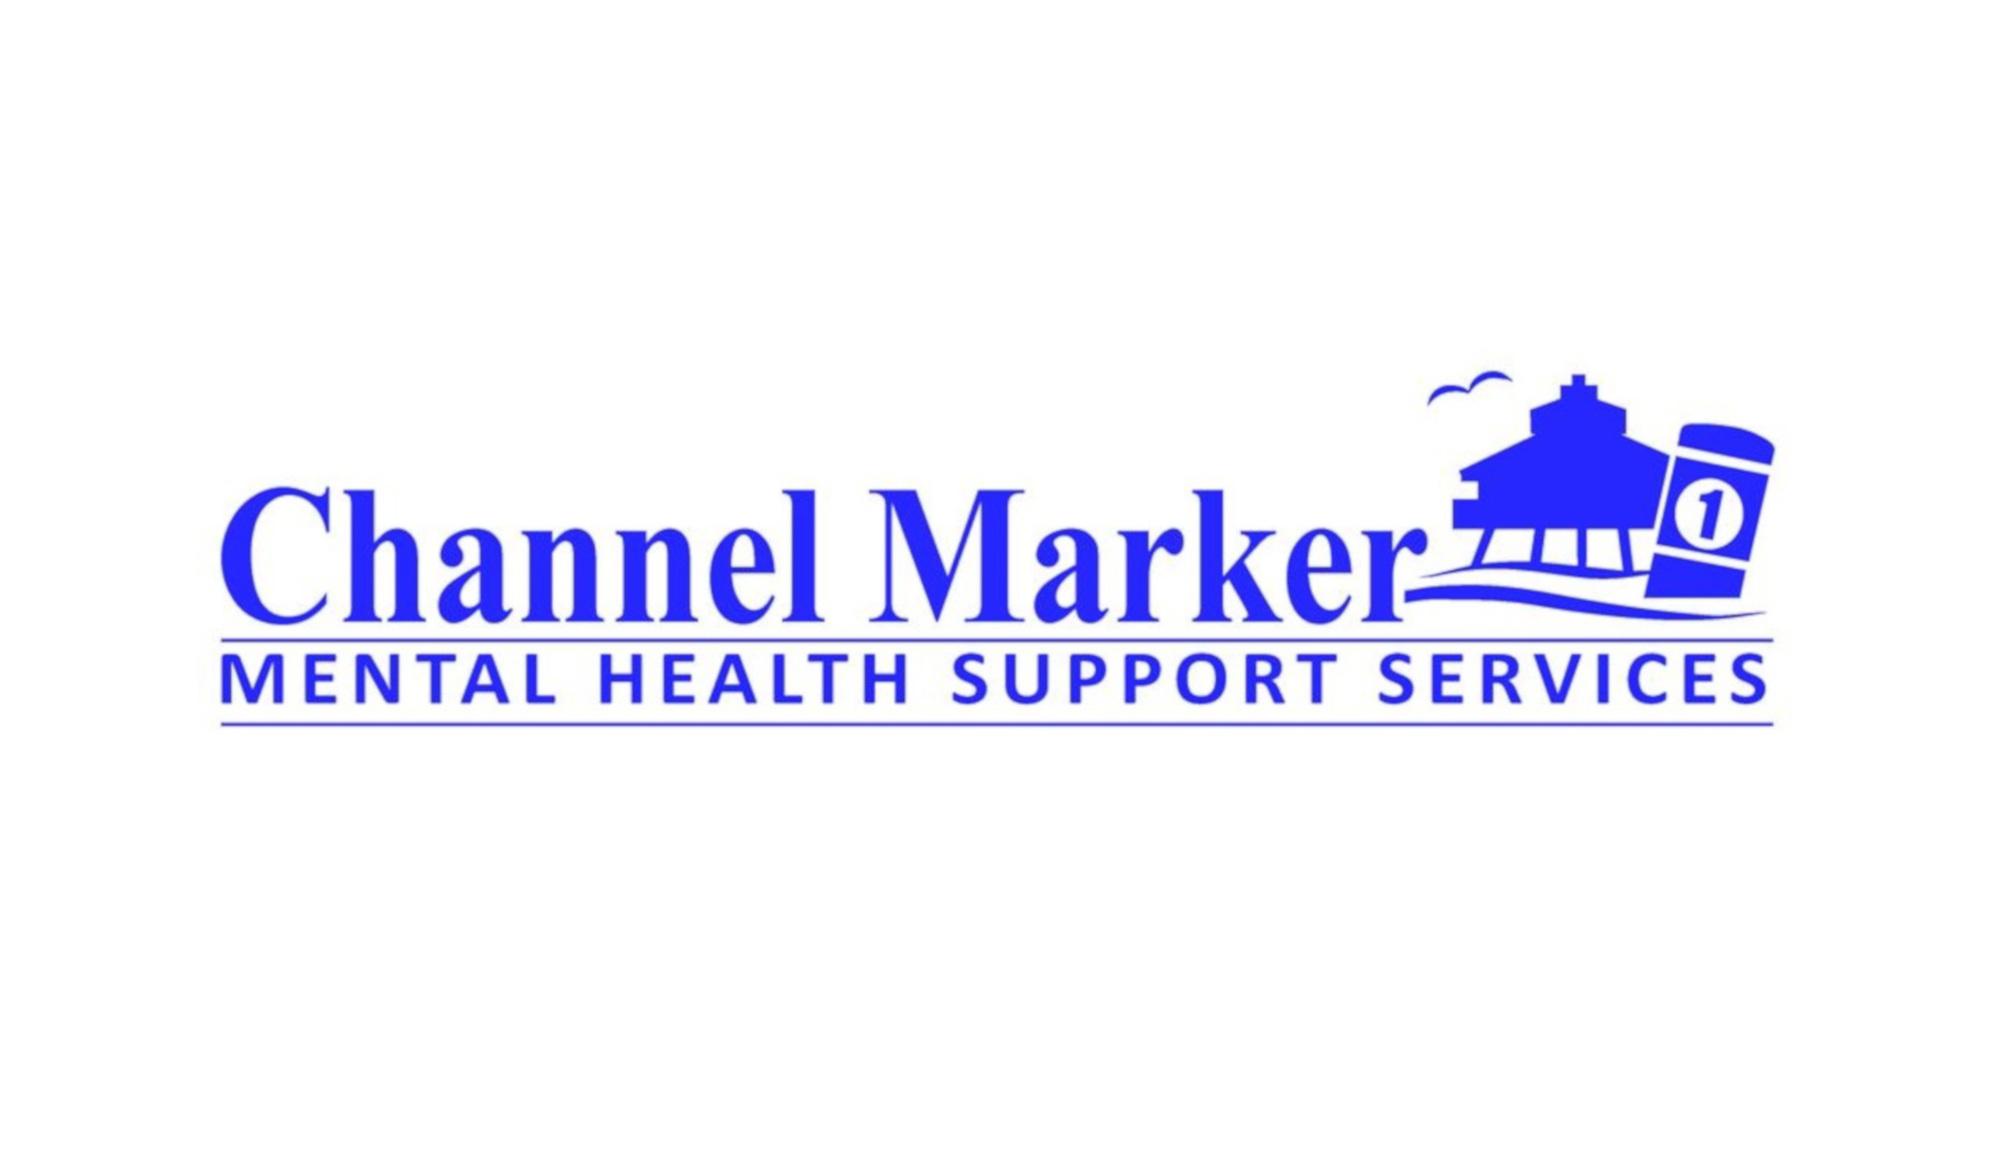 Channel Marker logo